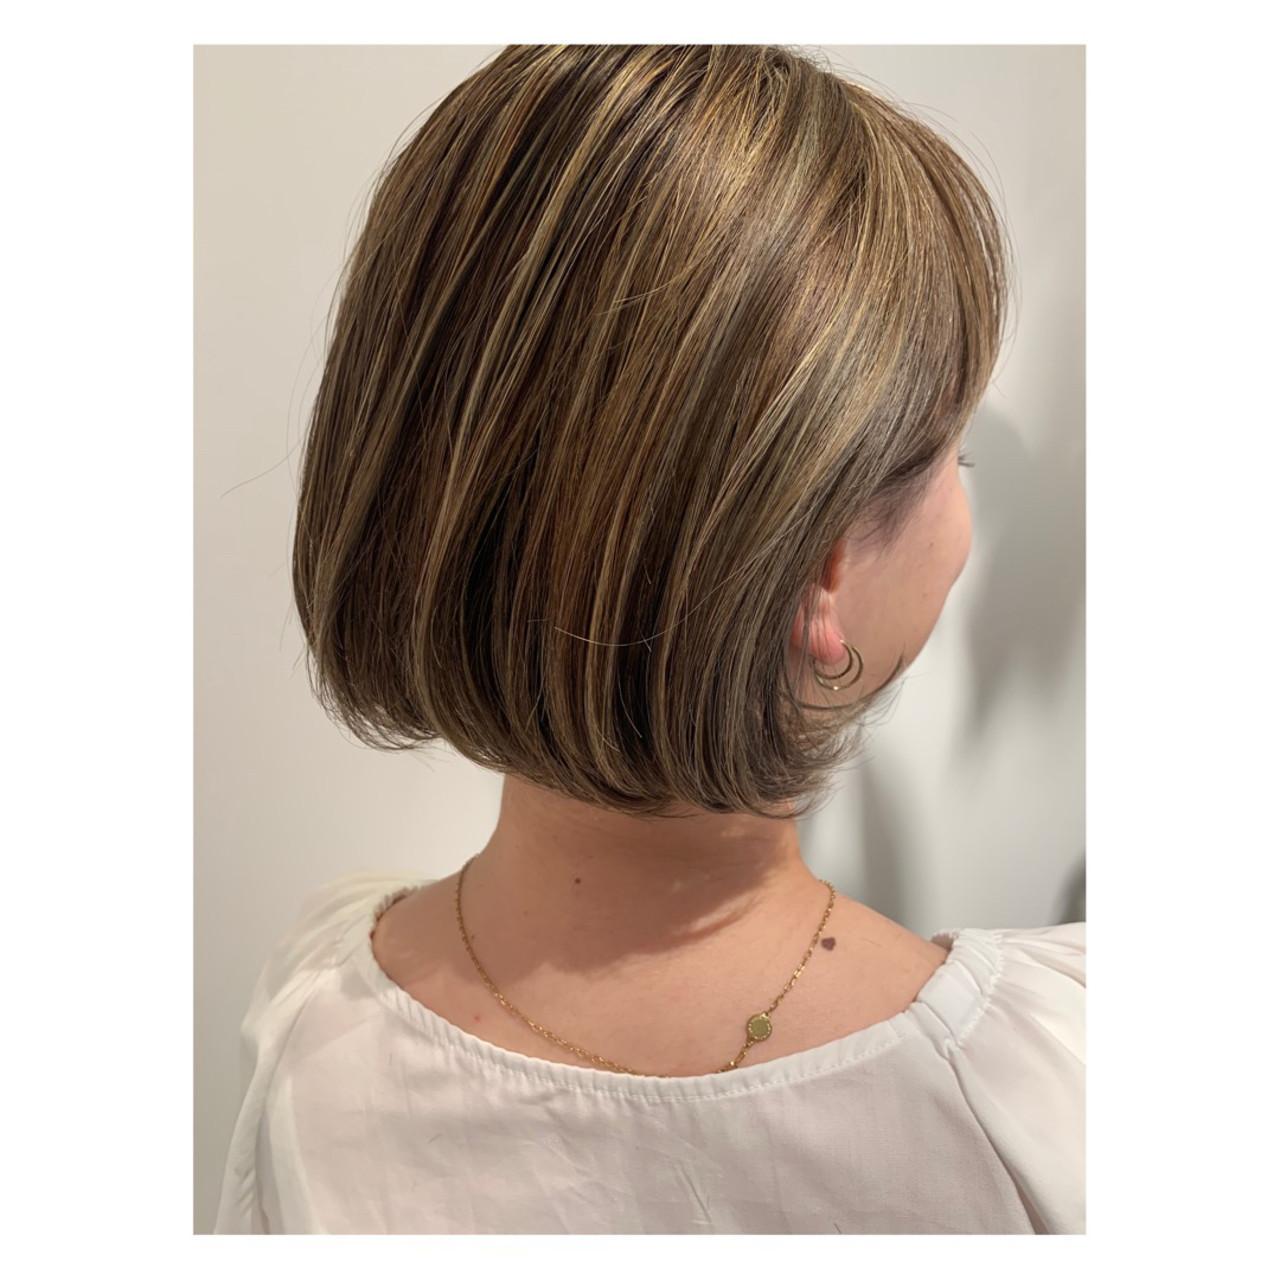 ハイトーンボブ ハイトーンカラー ショートボブ フェミニン ヘアスタイルや髪型の写真・画像